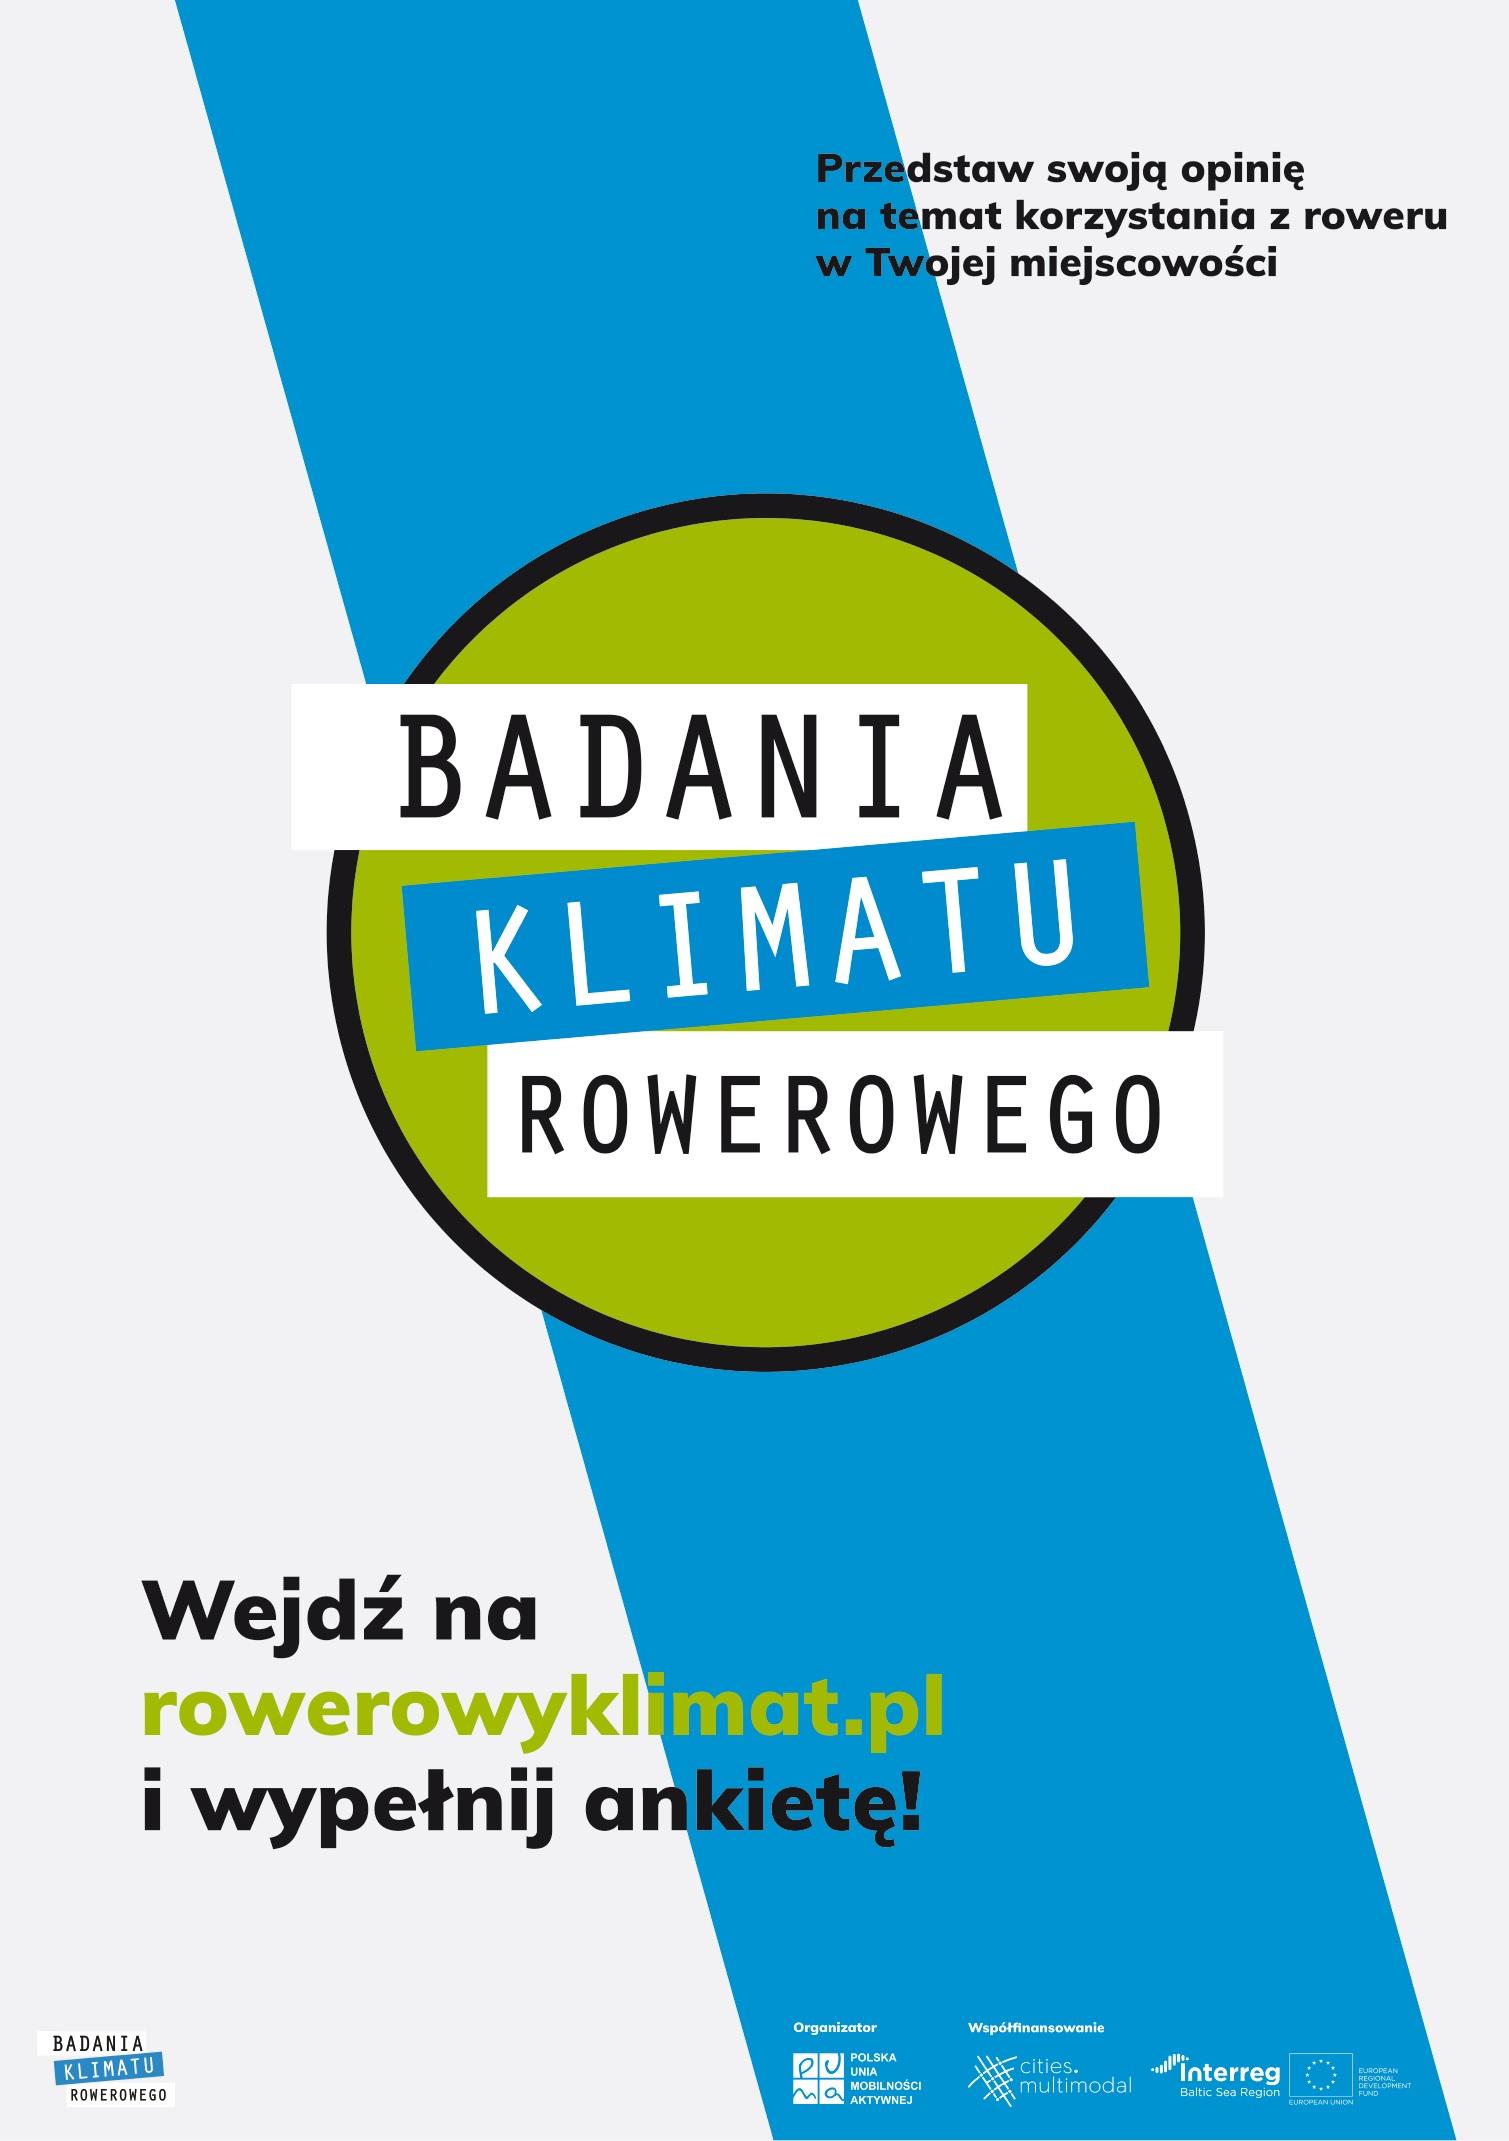 Na plakacie BADANIA KLIMATU ROWEROWEGO Przedstaw swoją opinię na temat korzystania z roweru w Twojej miejscowości Wejdź na rowerowyklimat.pl i wypełnij ankietę!